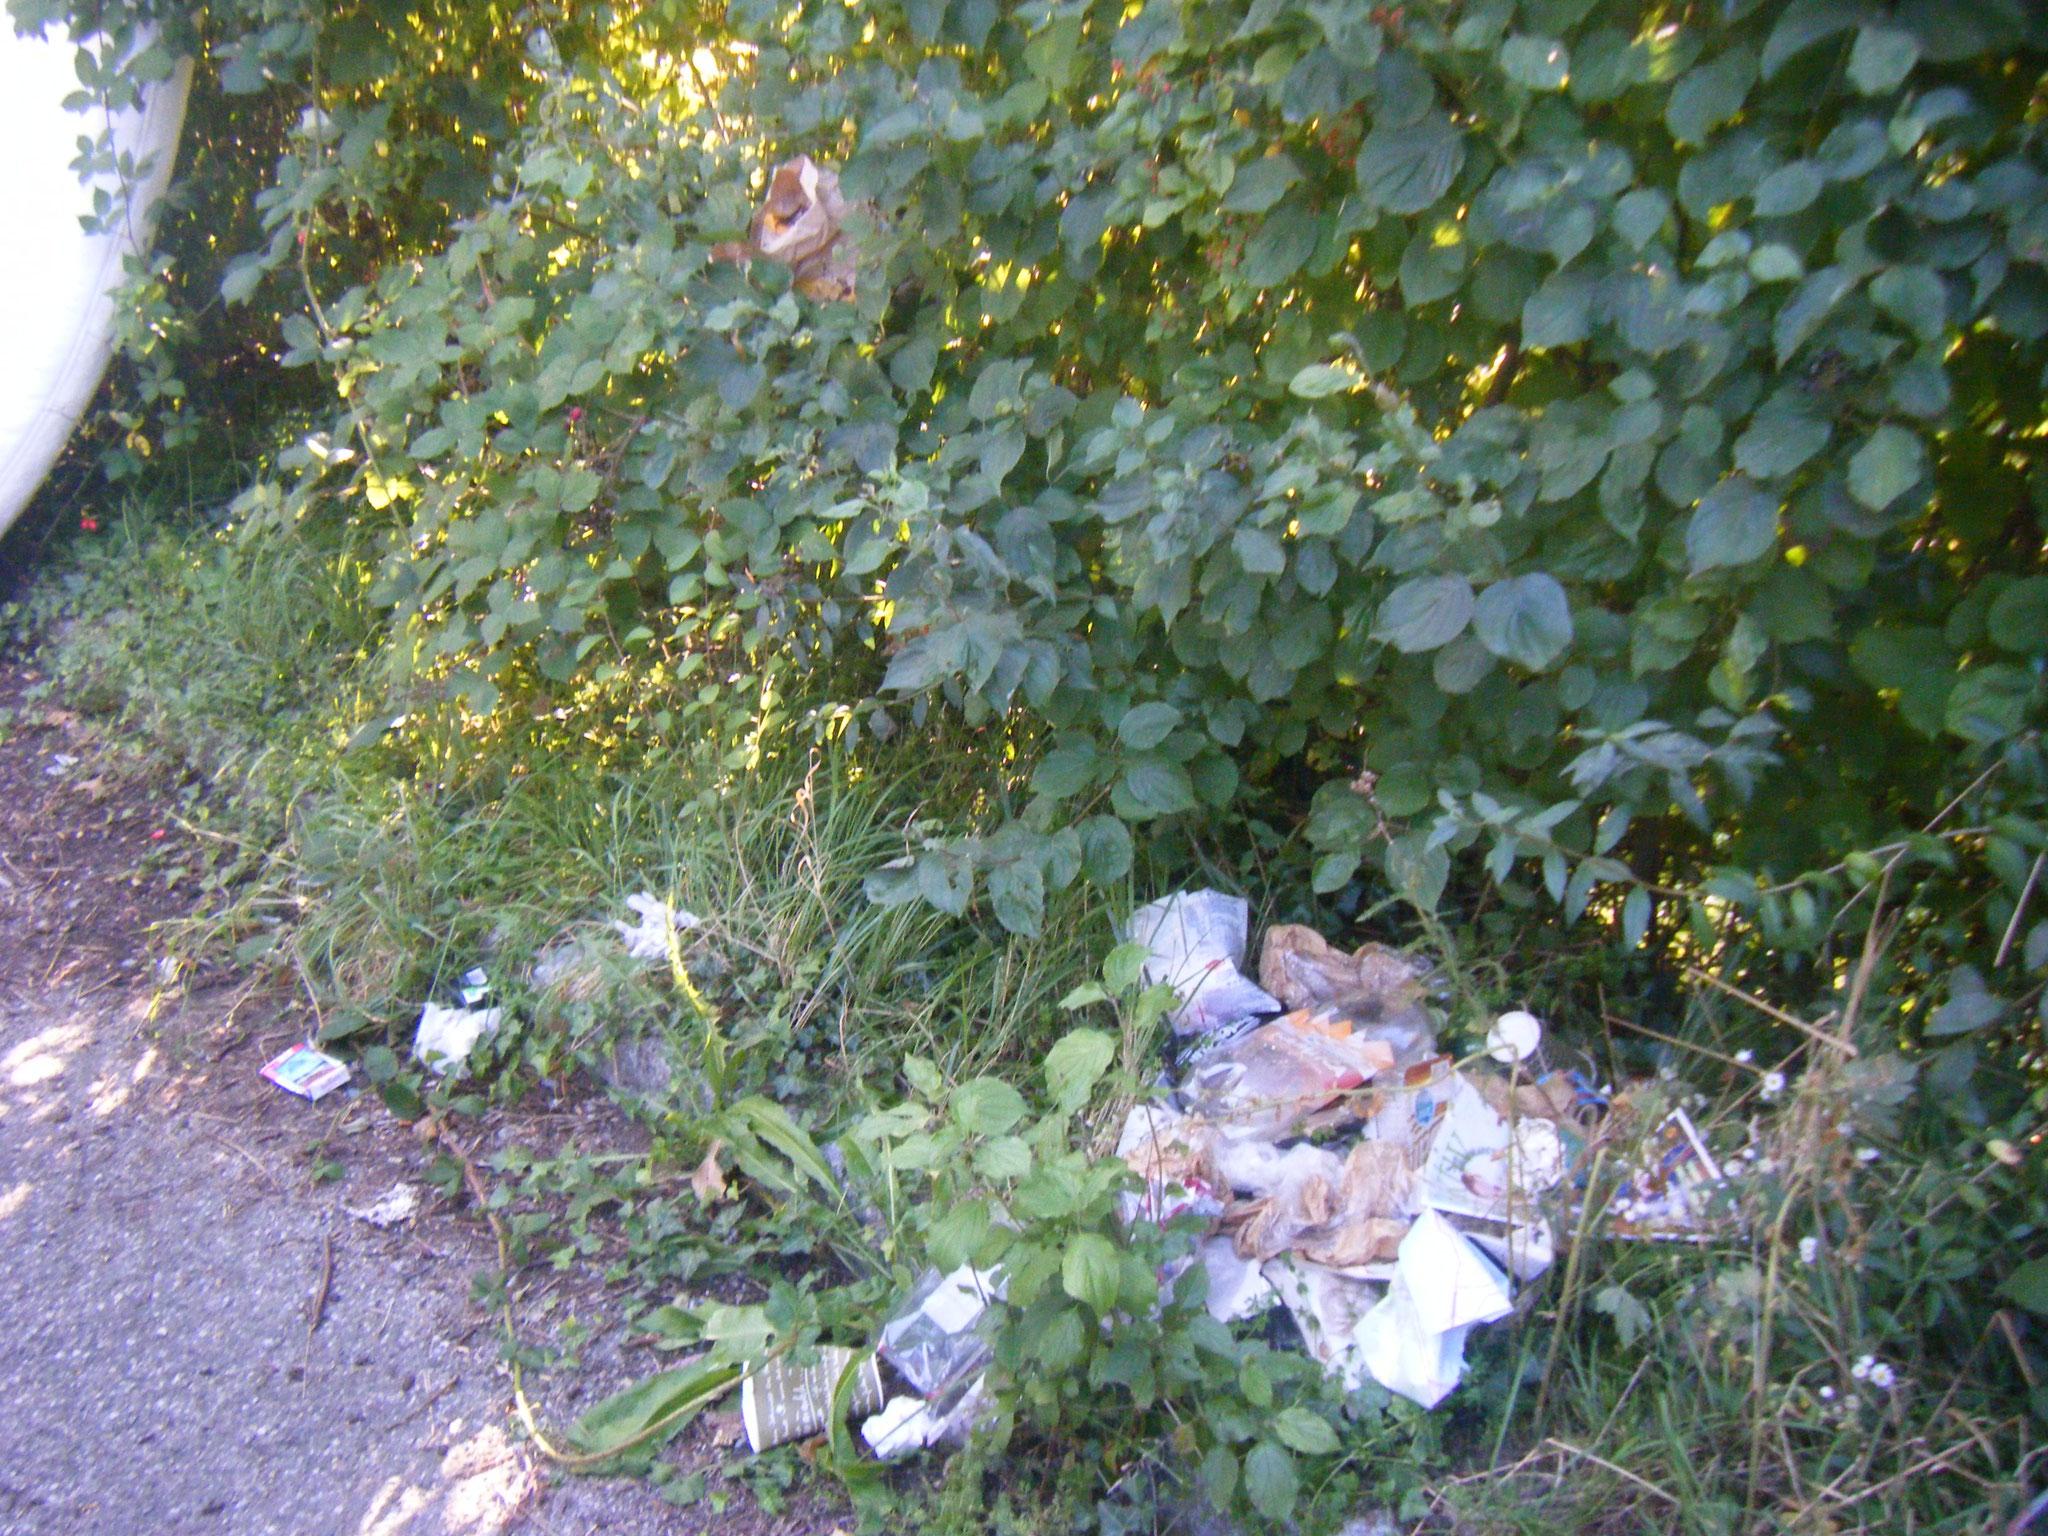 am ZF-Parkplatz Flugplatzstr entwickeln sich regelrechte Müllnester, sogar oben im Gebüsch hängt eine Tüte